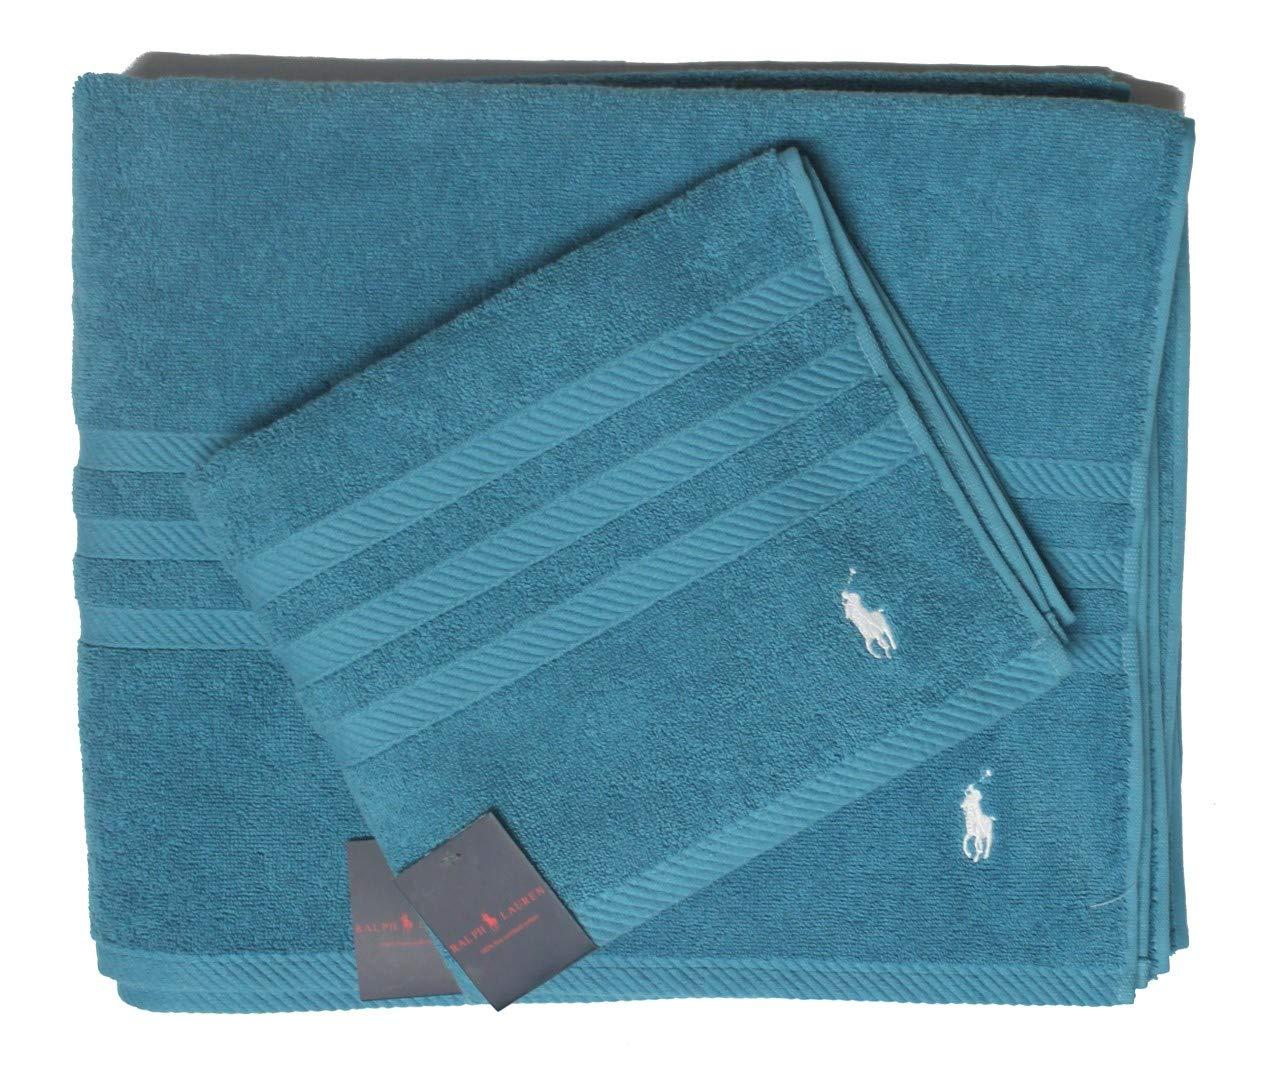 Polo_Ralph Lauren Serviette de Bain Tw86, Turquoise, Taille Unique Ralph Lauren777